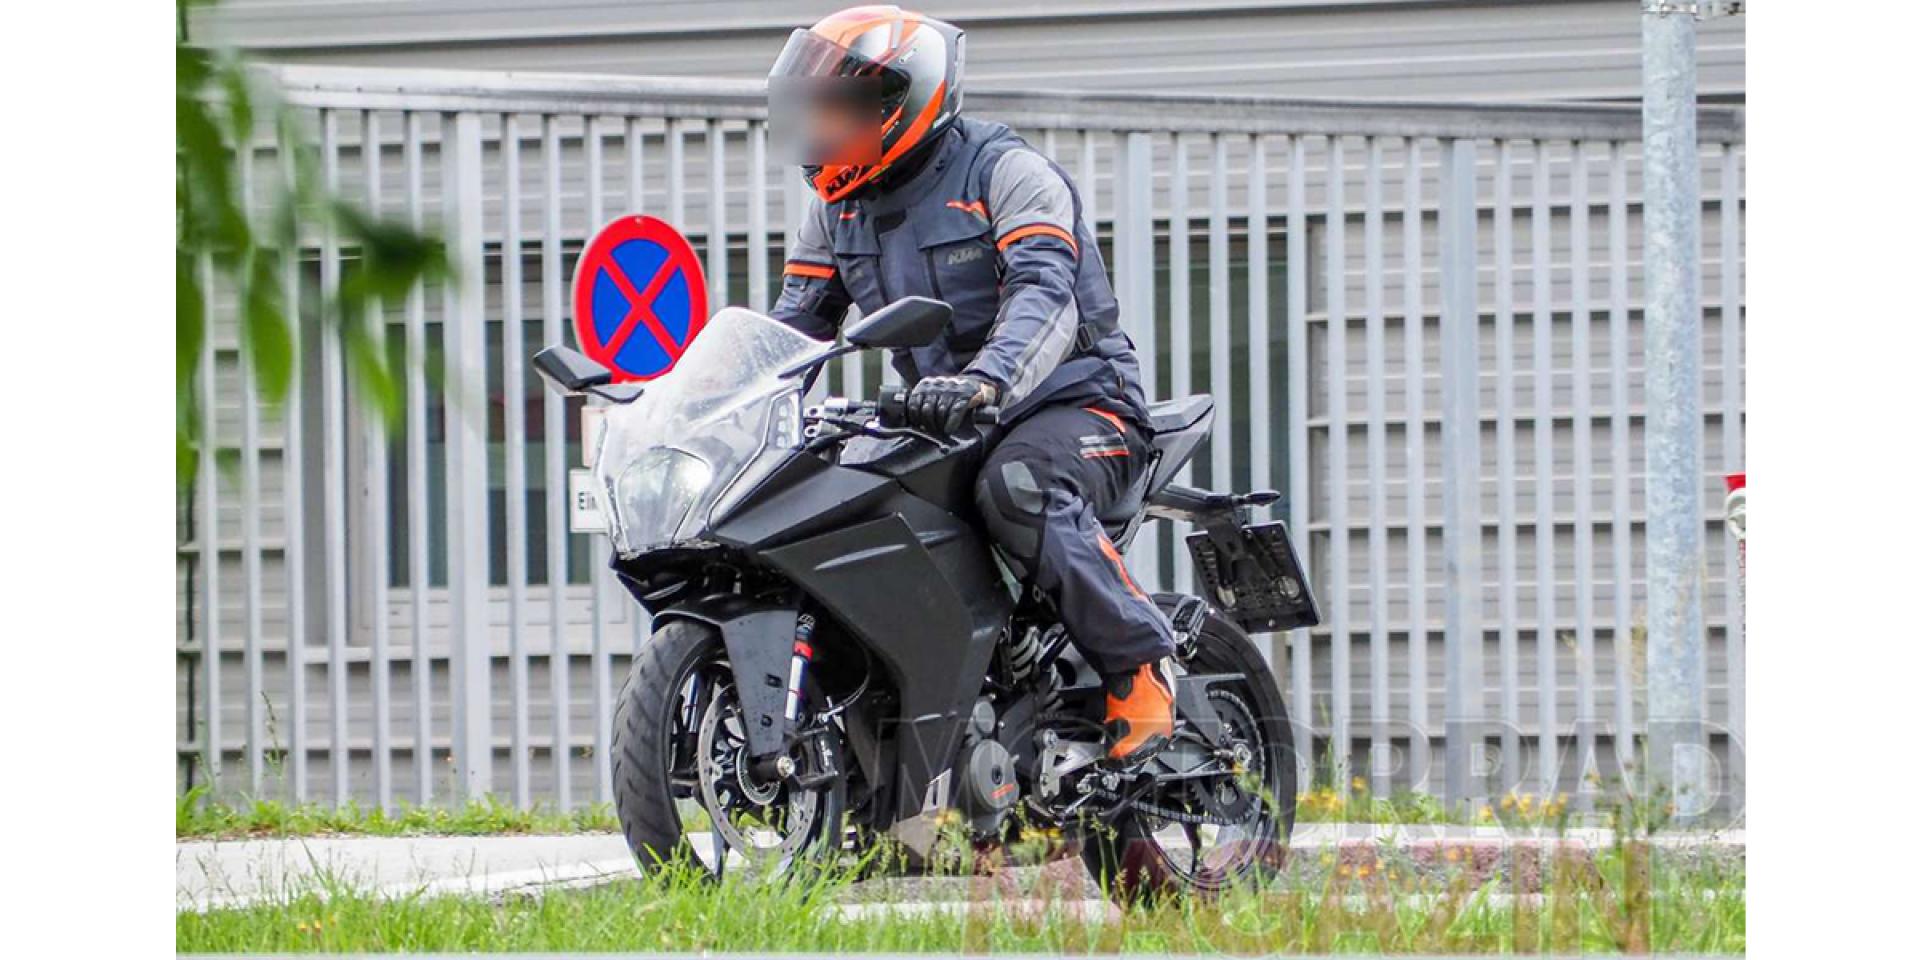 全新外觀設計上身!KTM RC 390改款測試車曝光